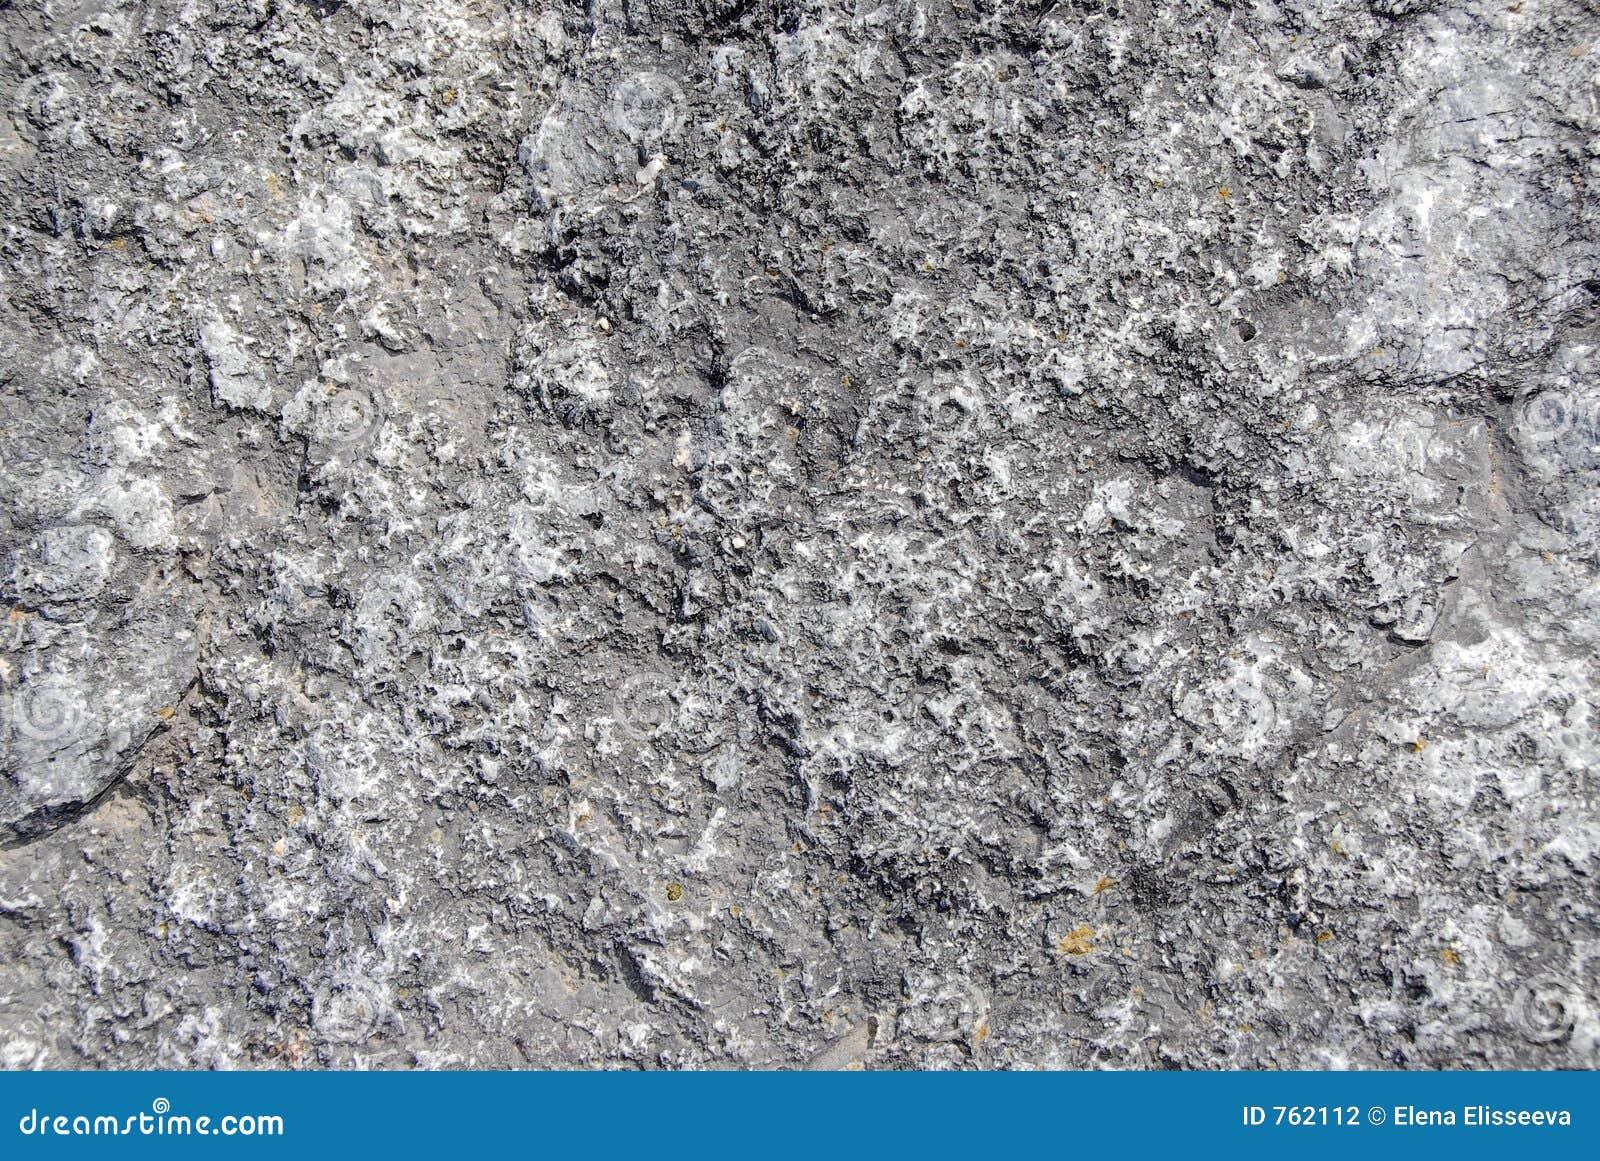 texture grise de roche photographie stock image 762112. Black Bedroom Furniture Sets. Home Design Ideas